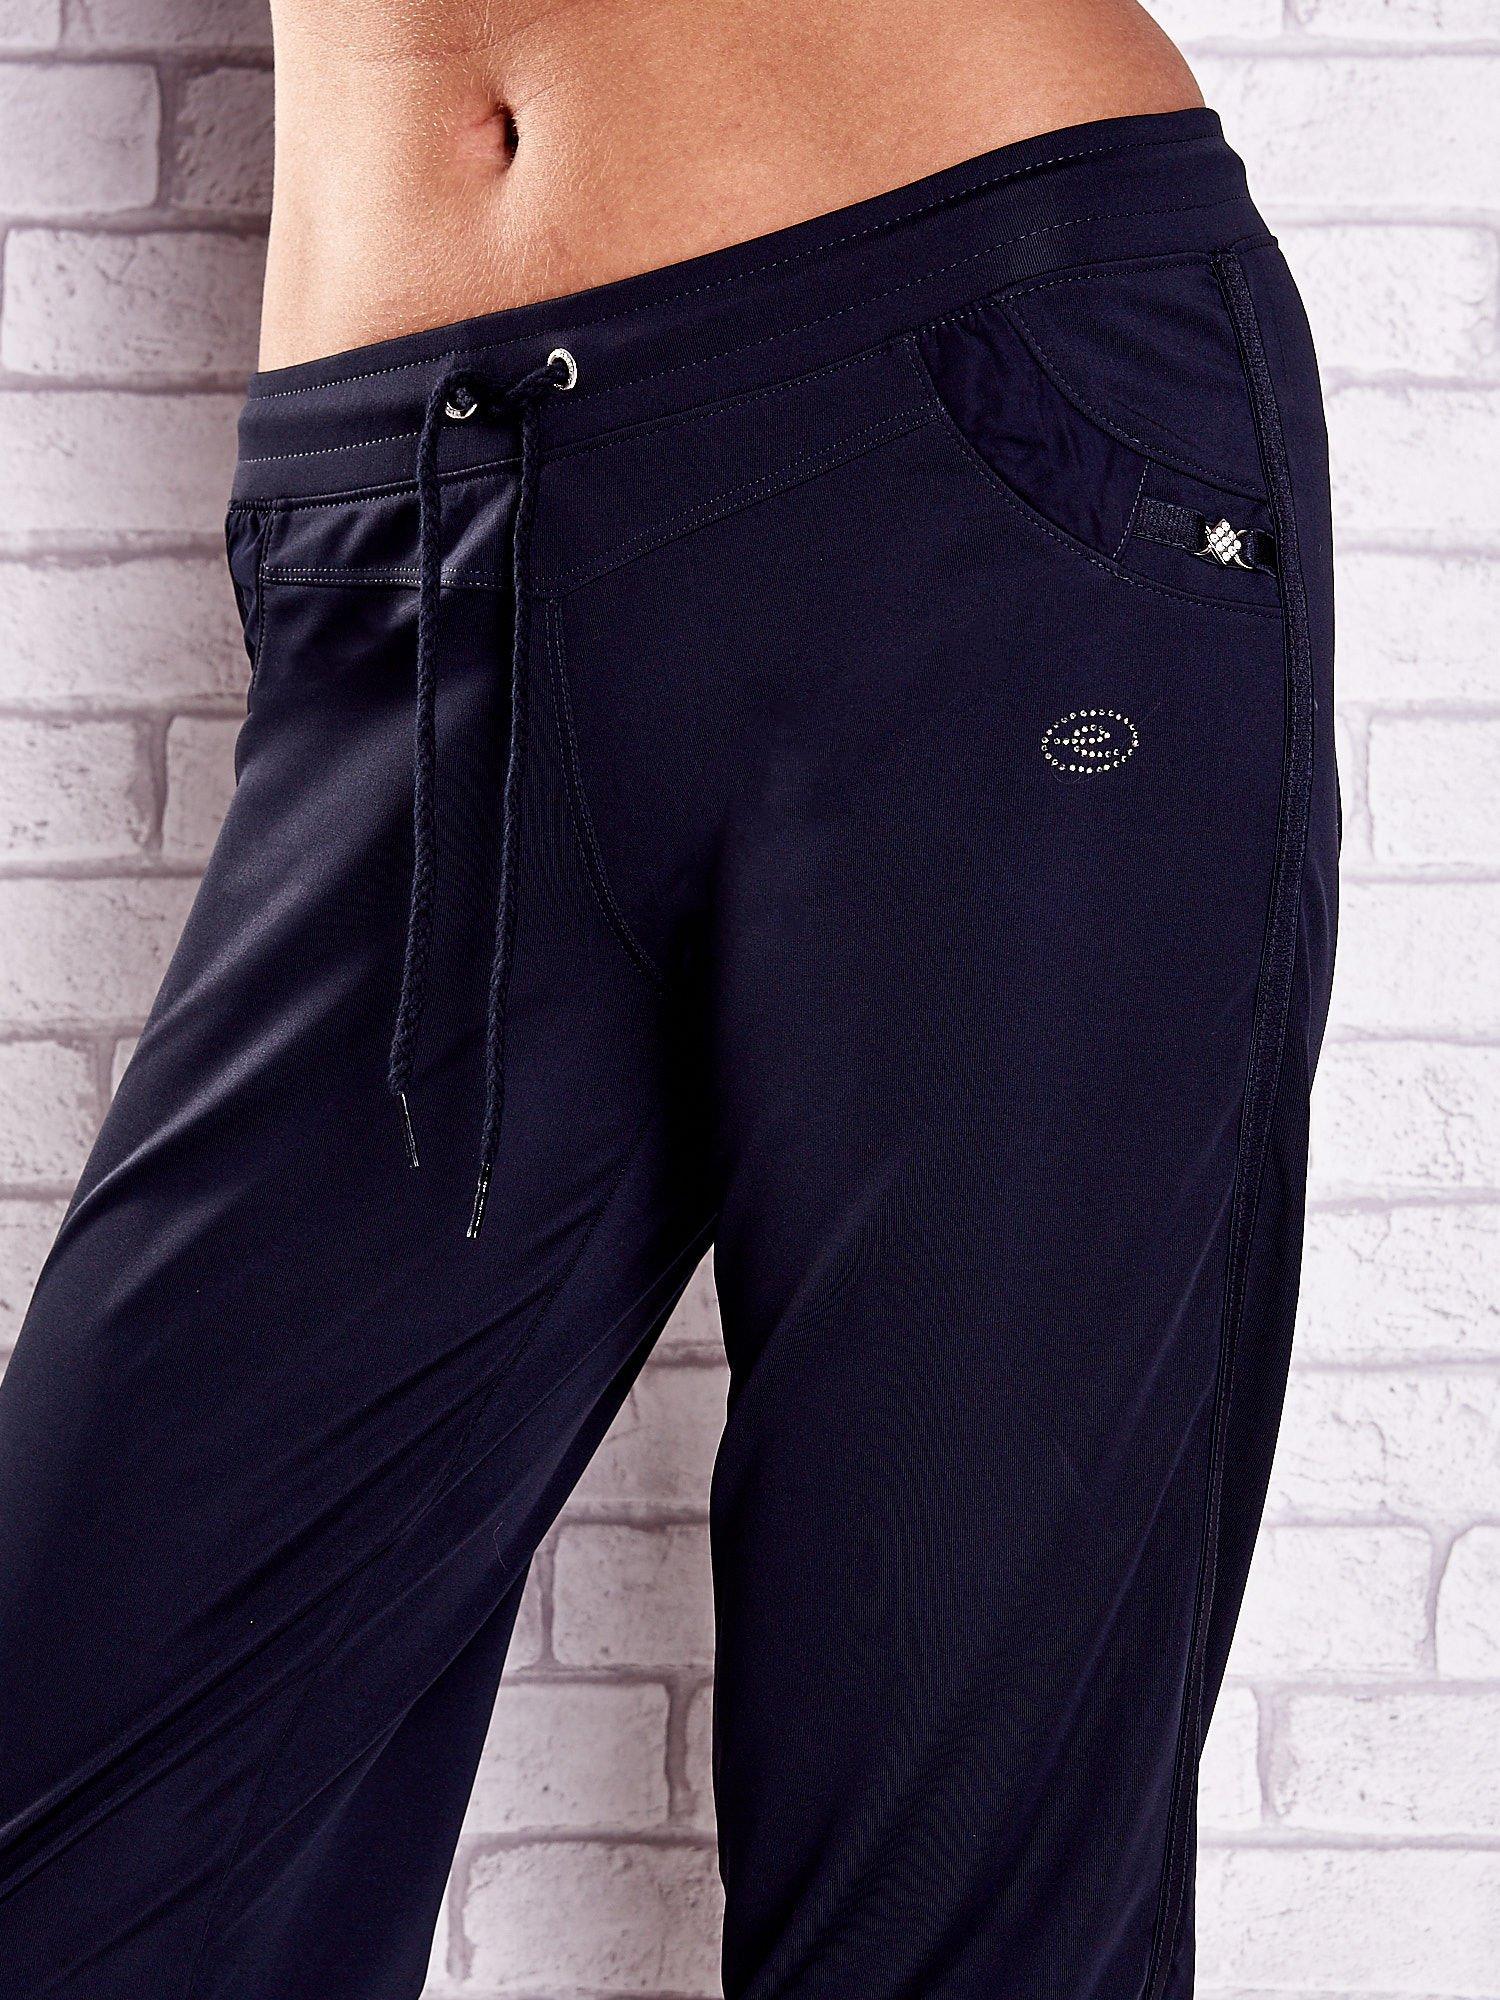 Granatowe spodnie capri z aplikacjami z dżetów                                  zdj.                                  4